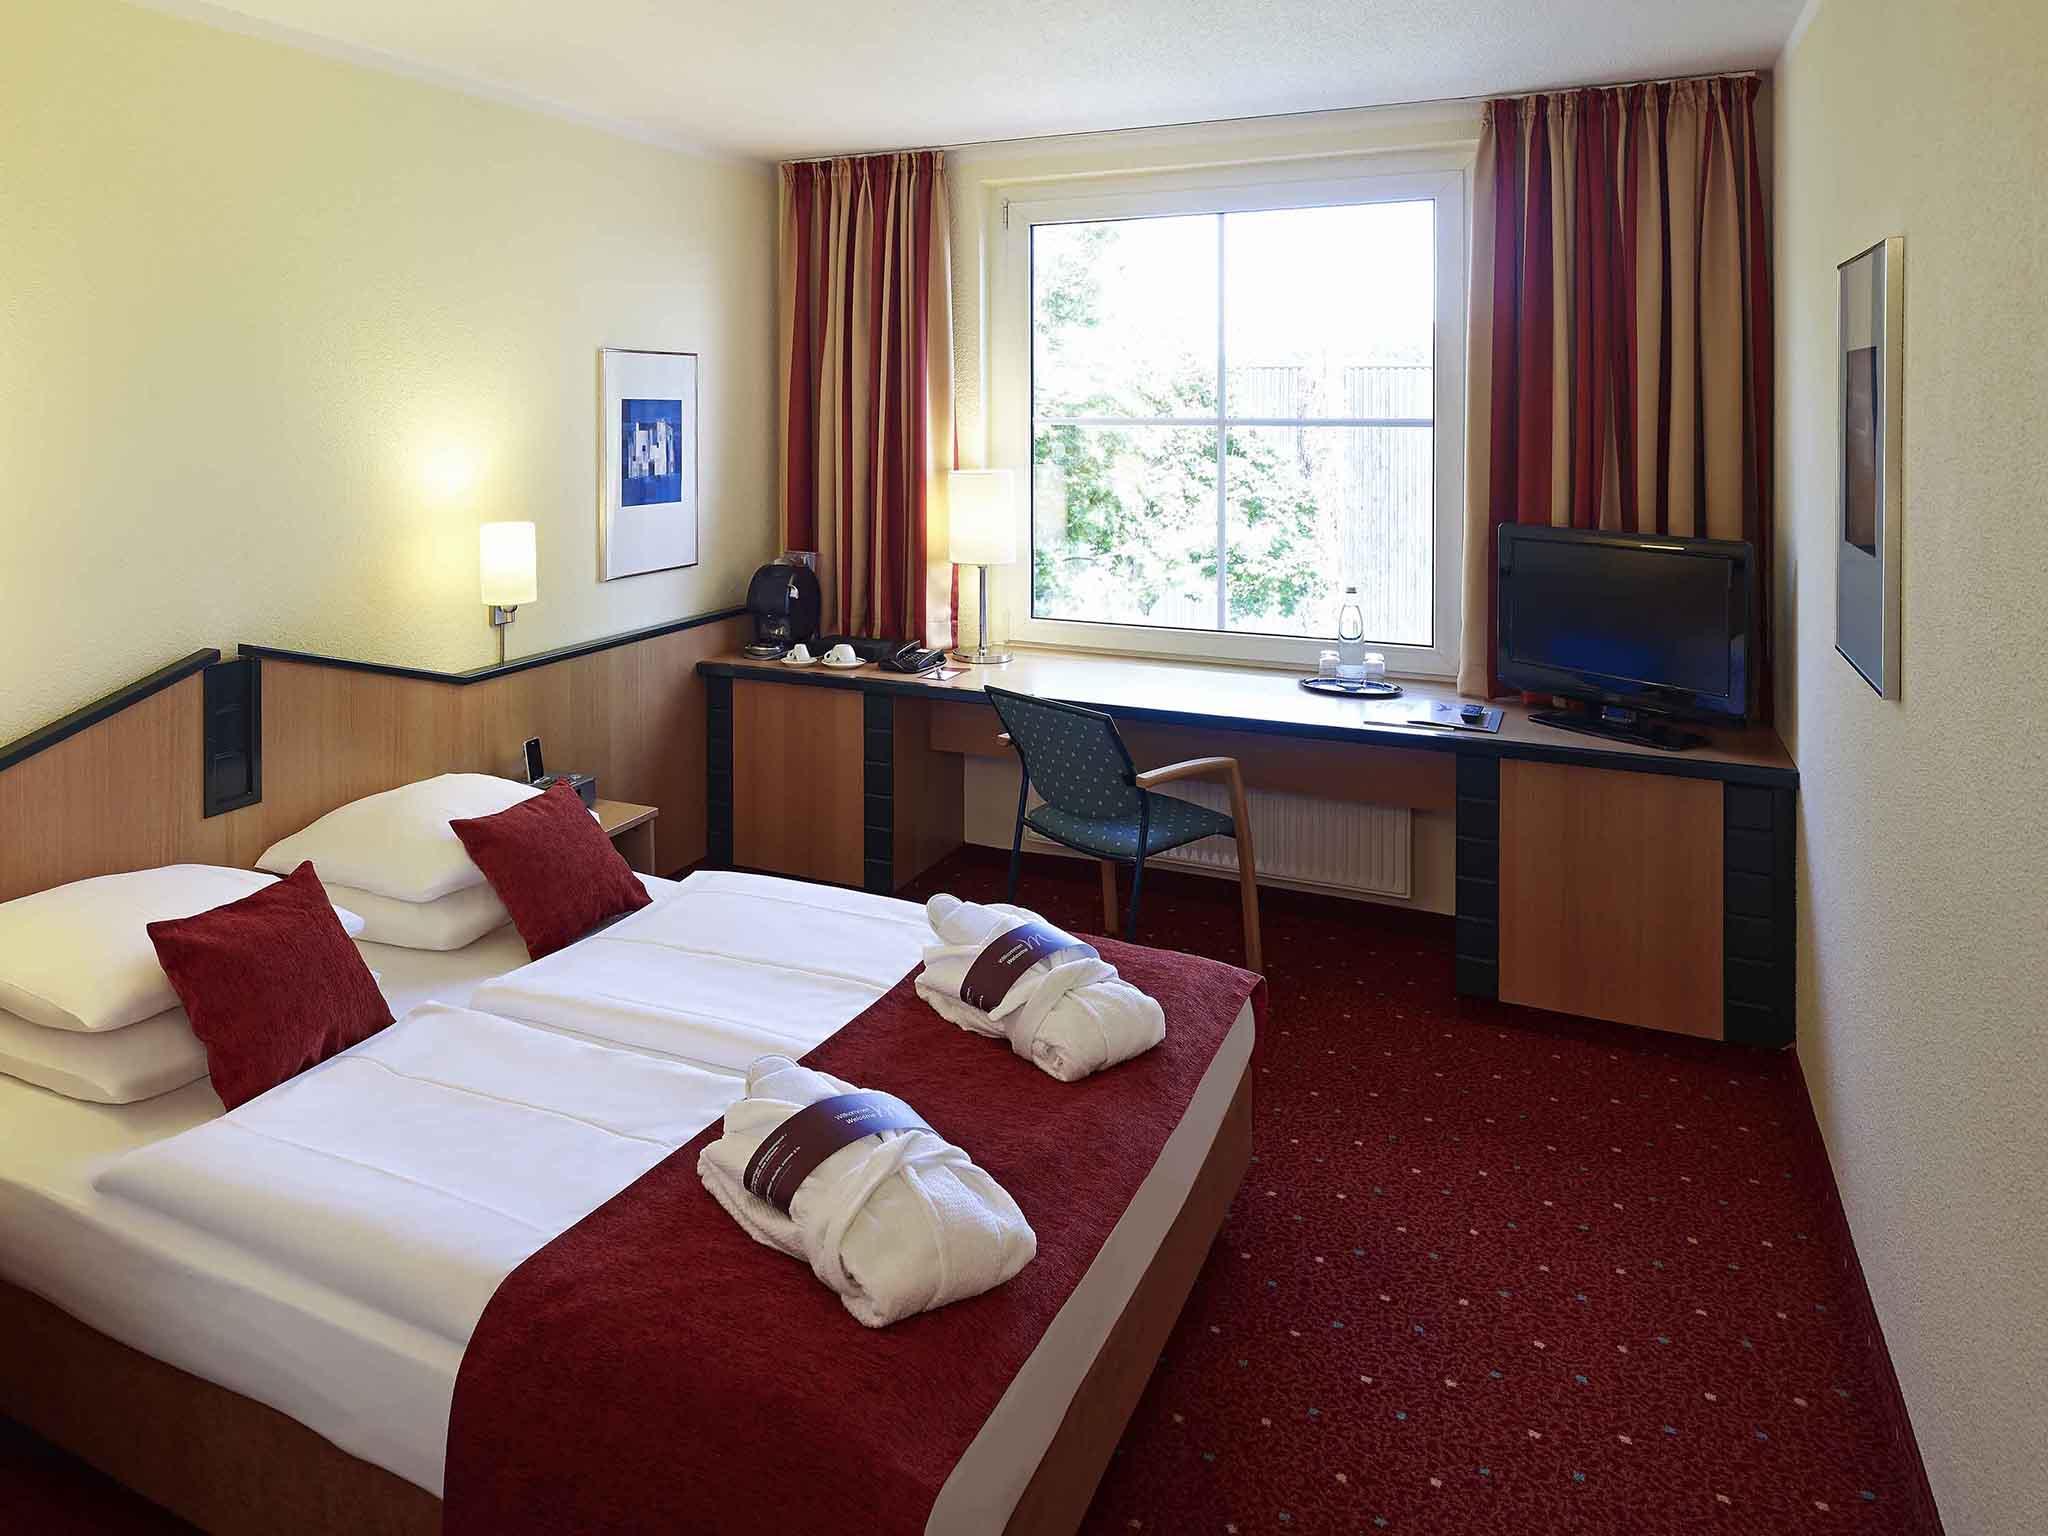 ... Rooms - Mercure Hotel Remscheid ...